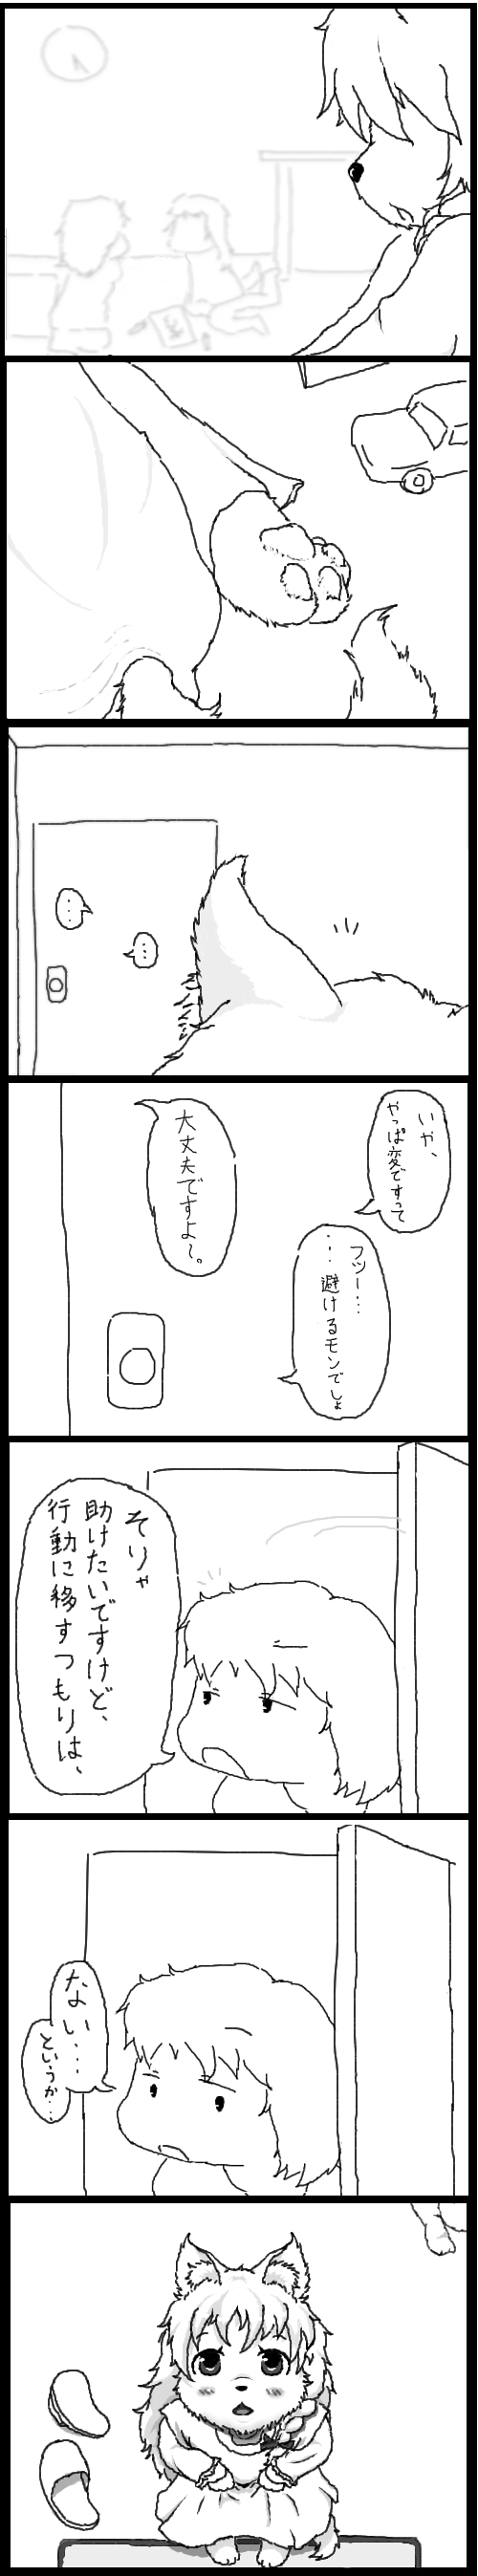 ケモノ好き未満第27話